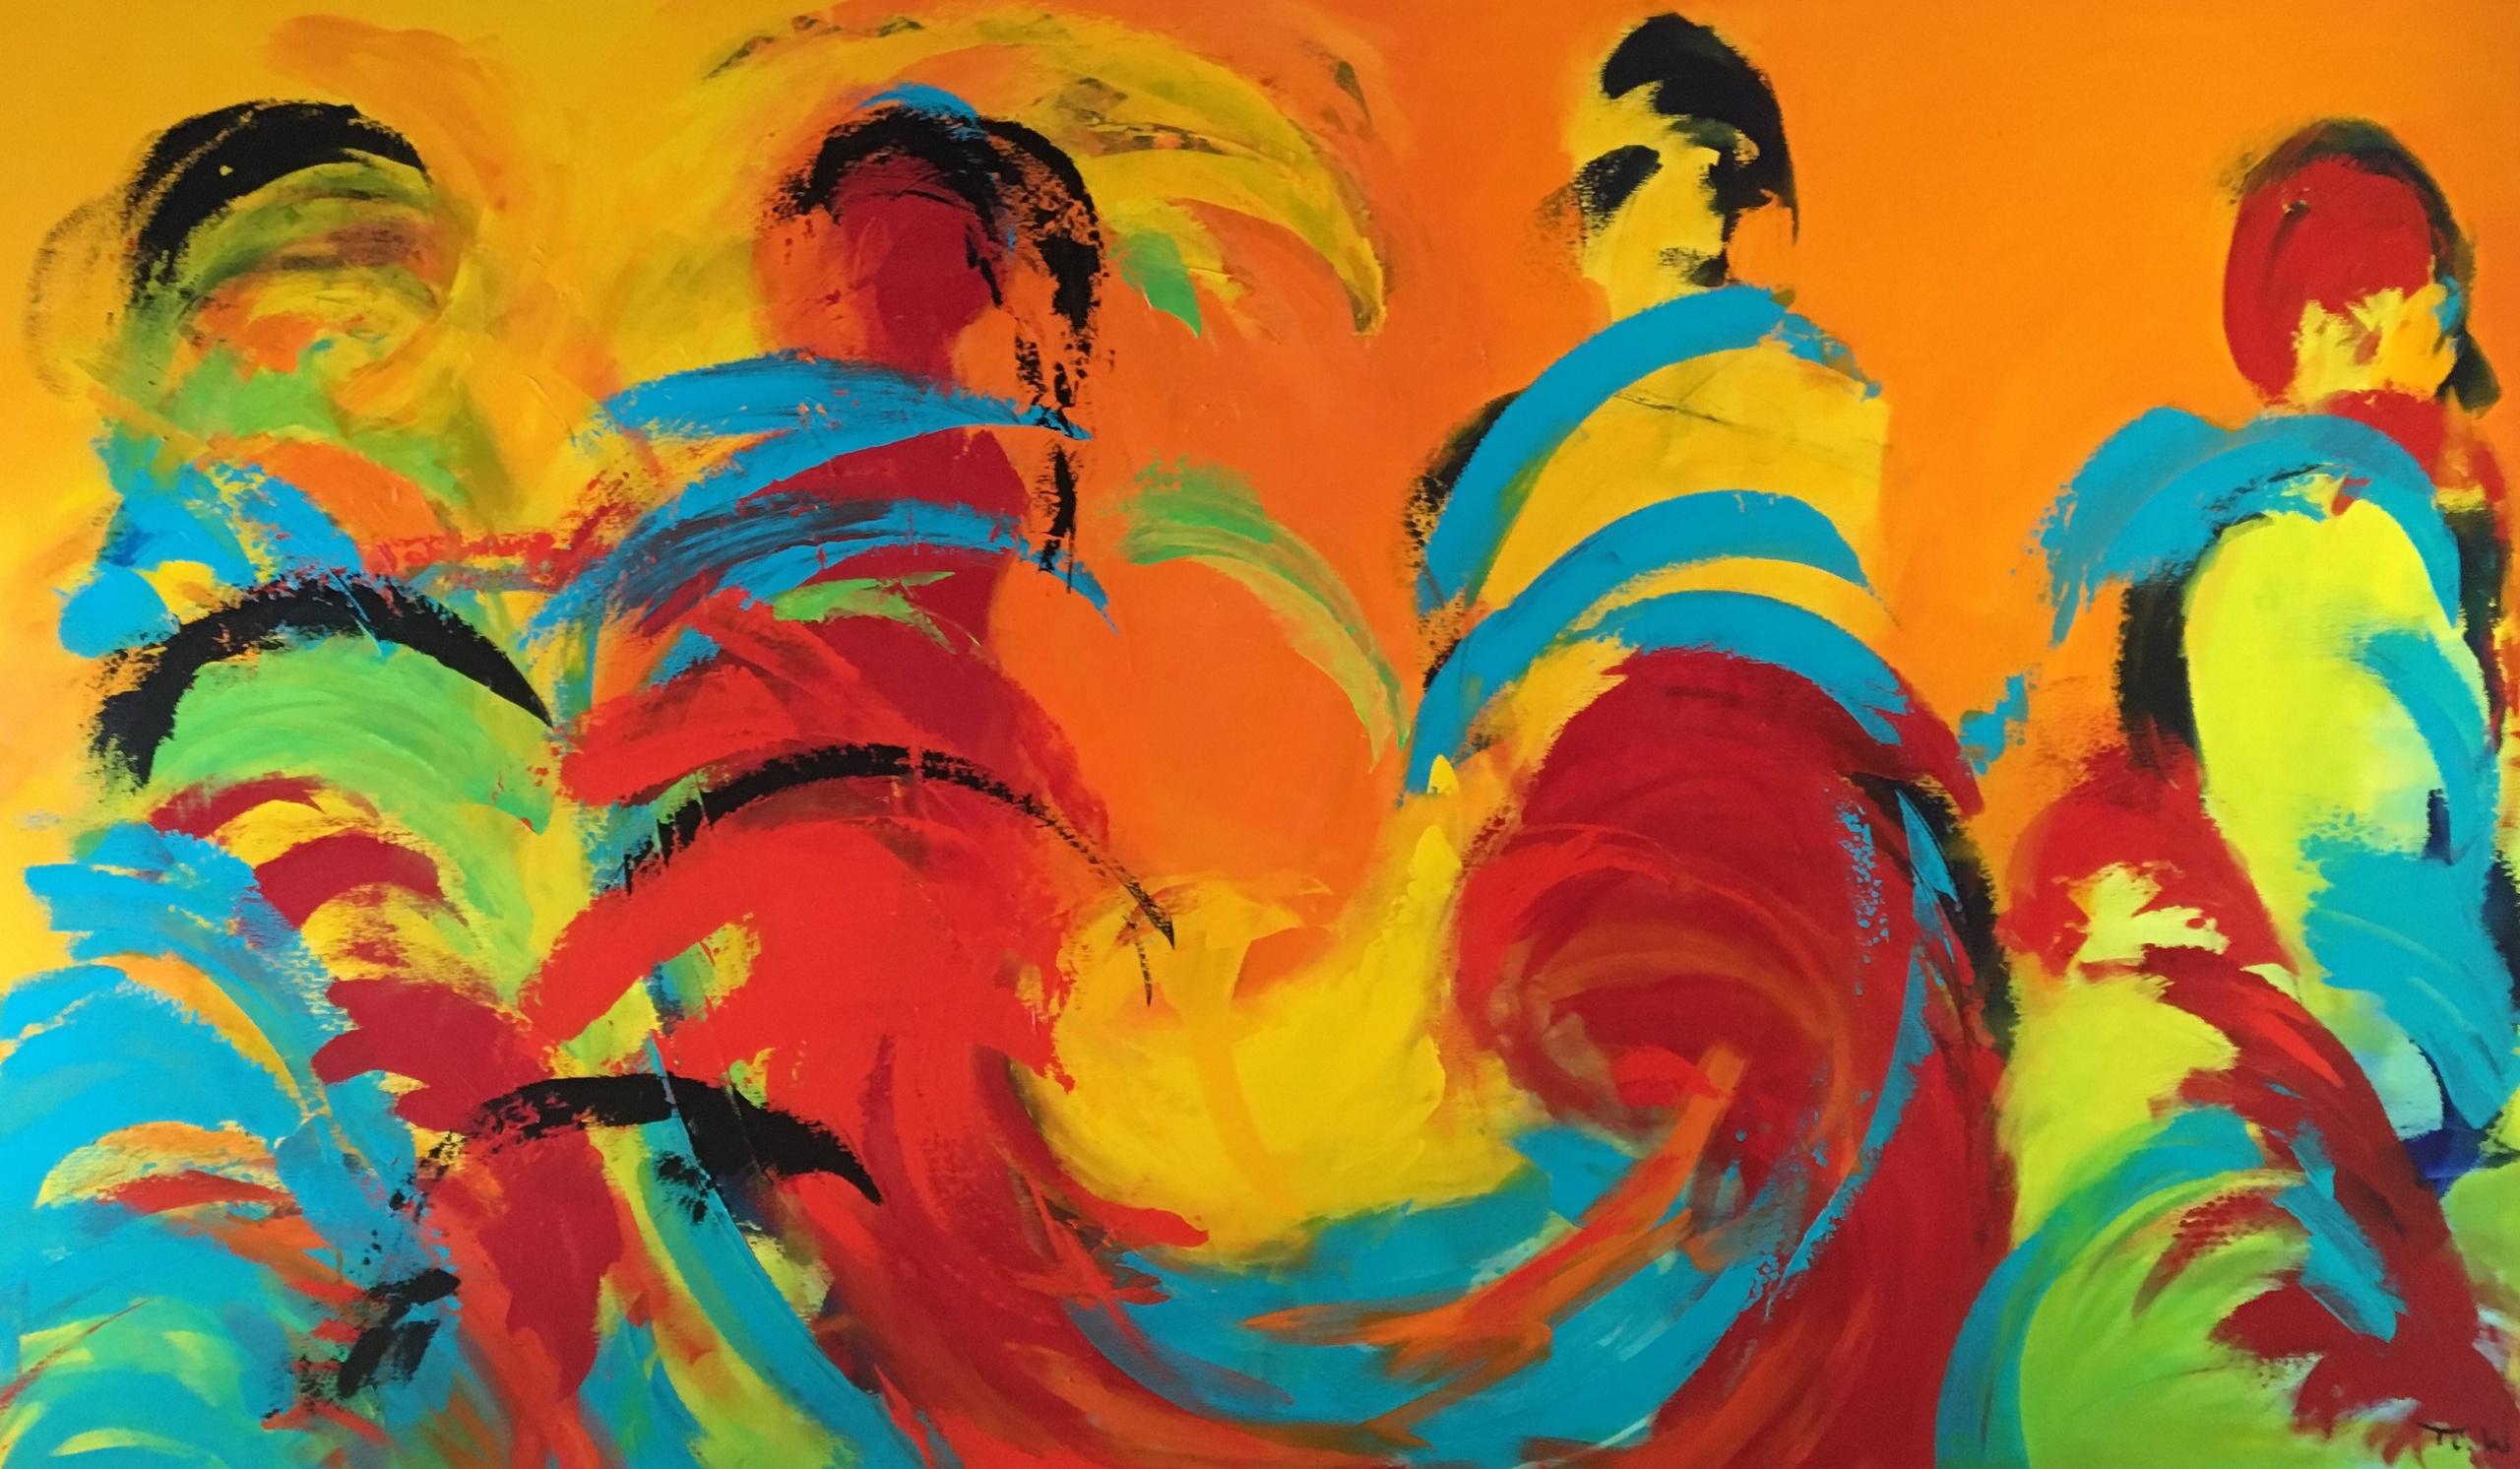 Varmt og dynamisk maleri. Egentlig abstrakt, men måske ser du som jeg dansende kvinder, der kaster blikke til hinanden.